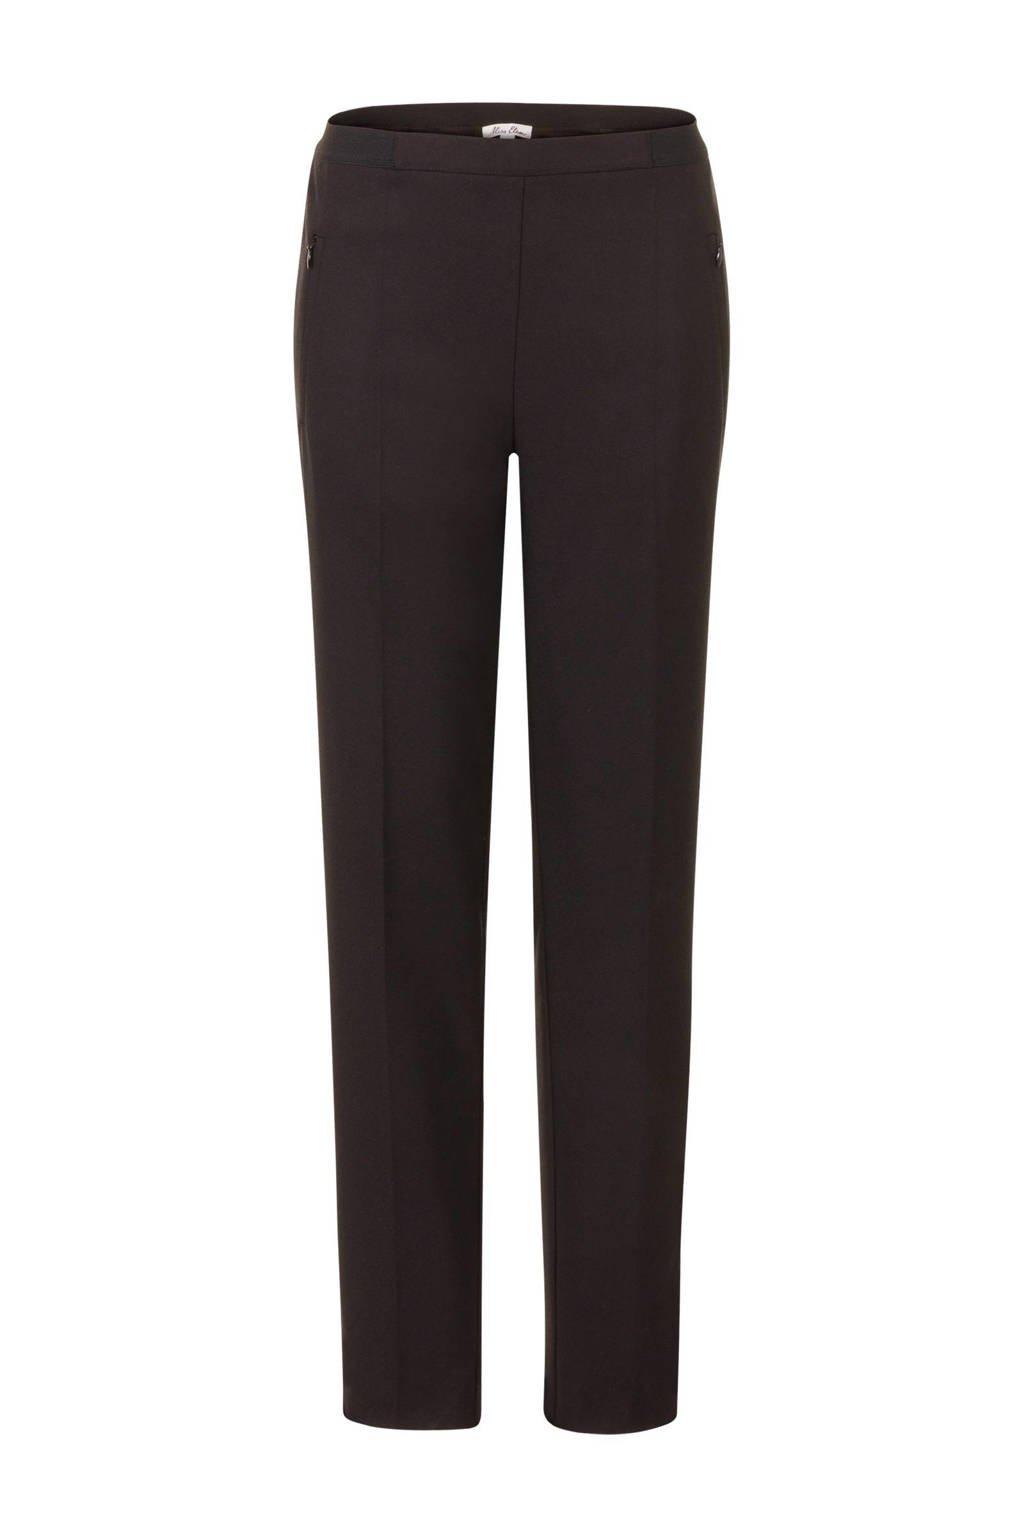 Miss Etam Regulier straight fit broek met lurex zijstreep, Zwart